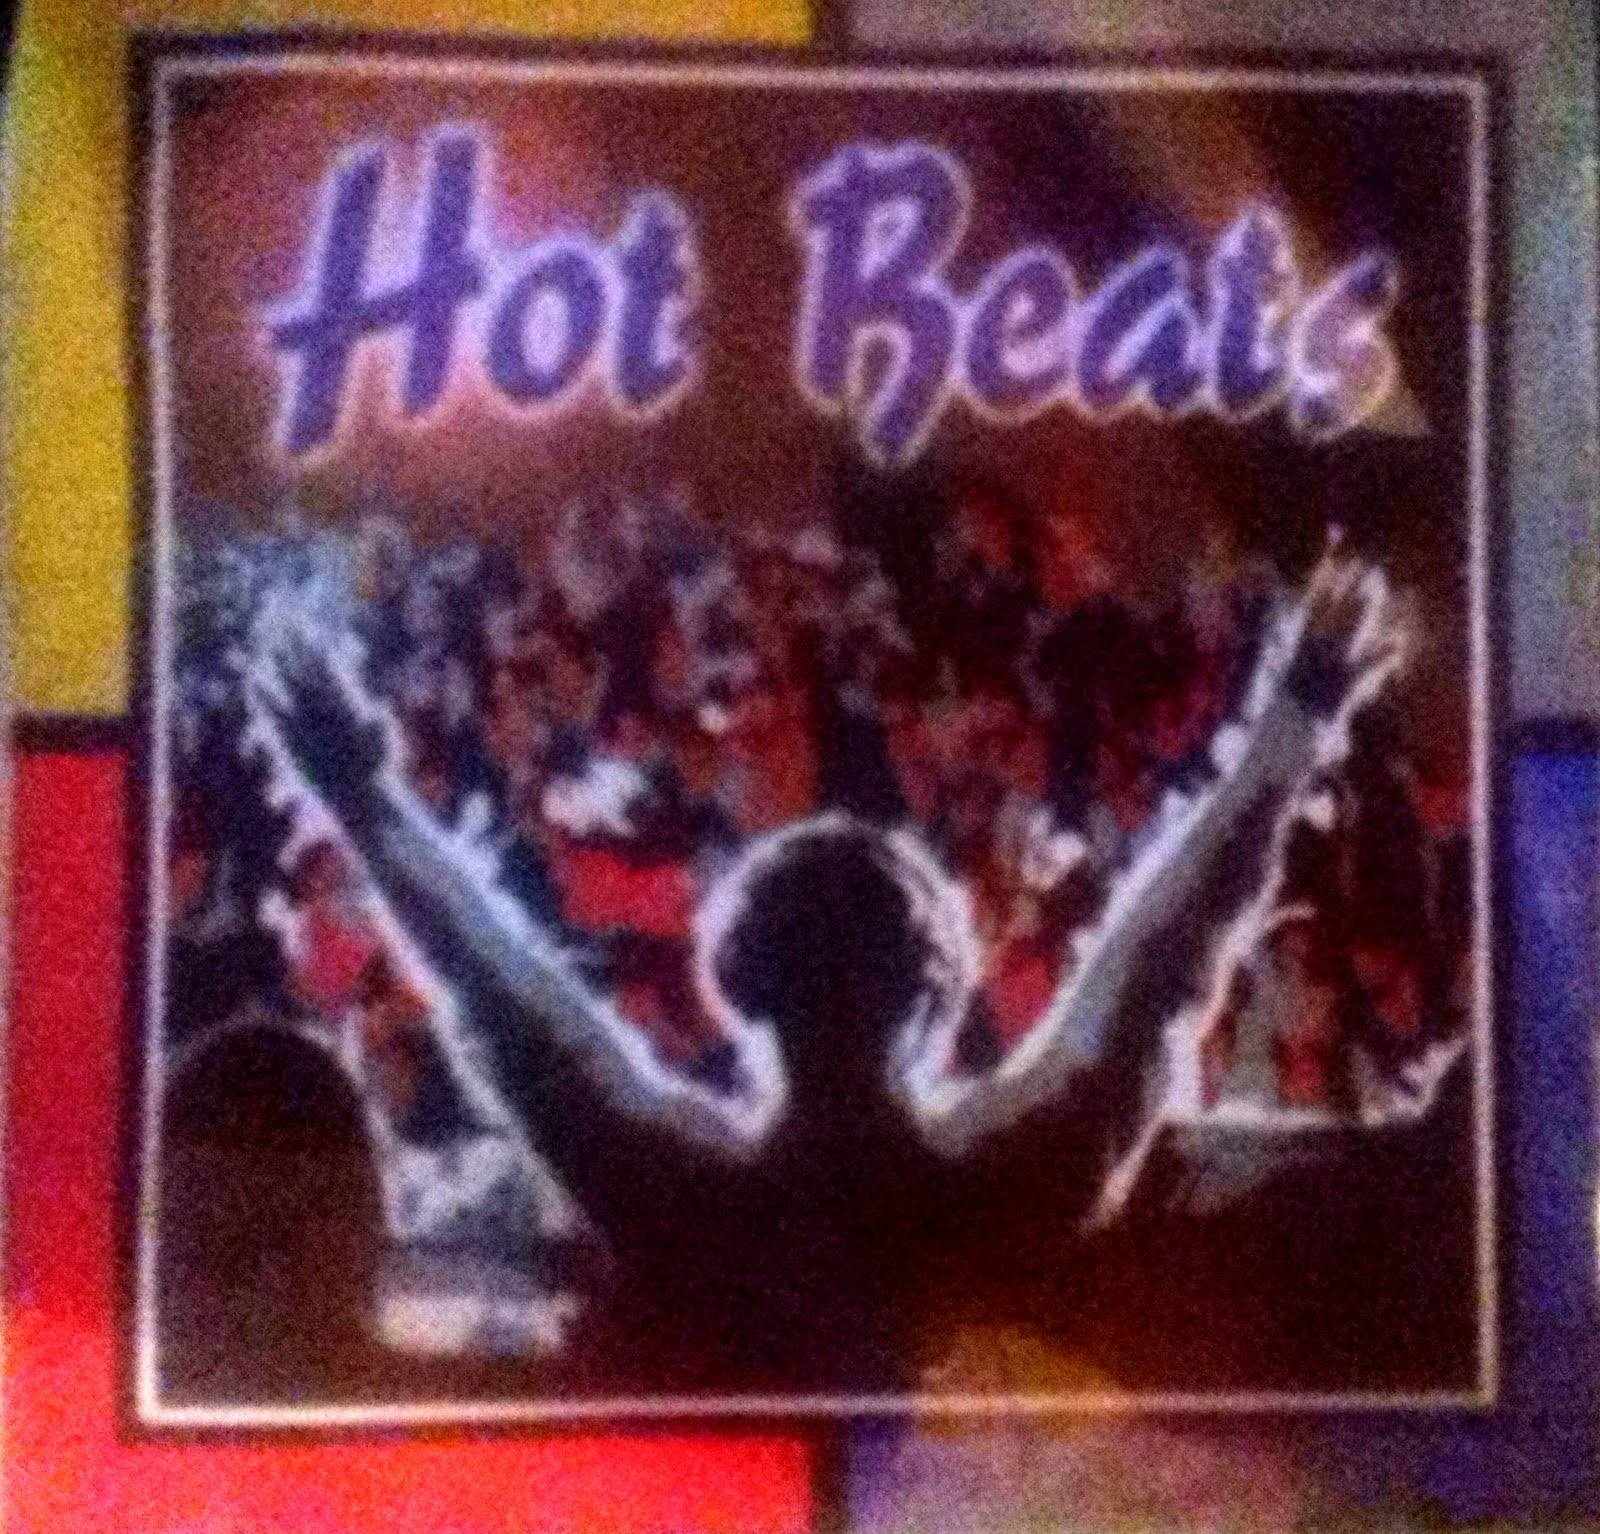 HOT BEATS  - AS MELHORES DA BLACK MUSIC